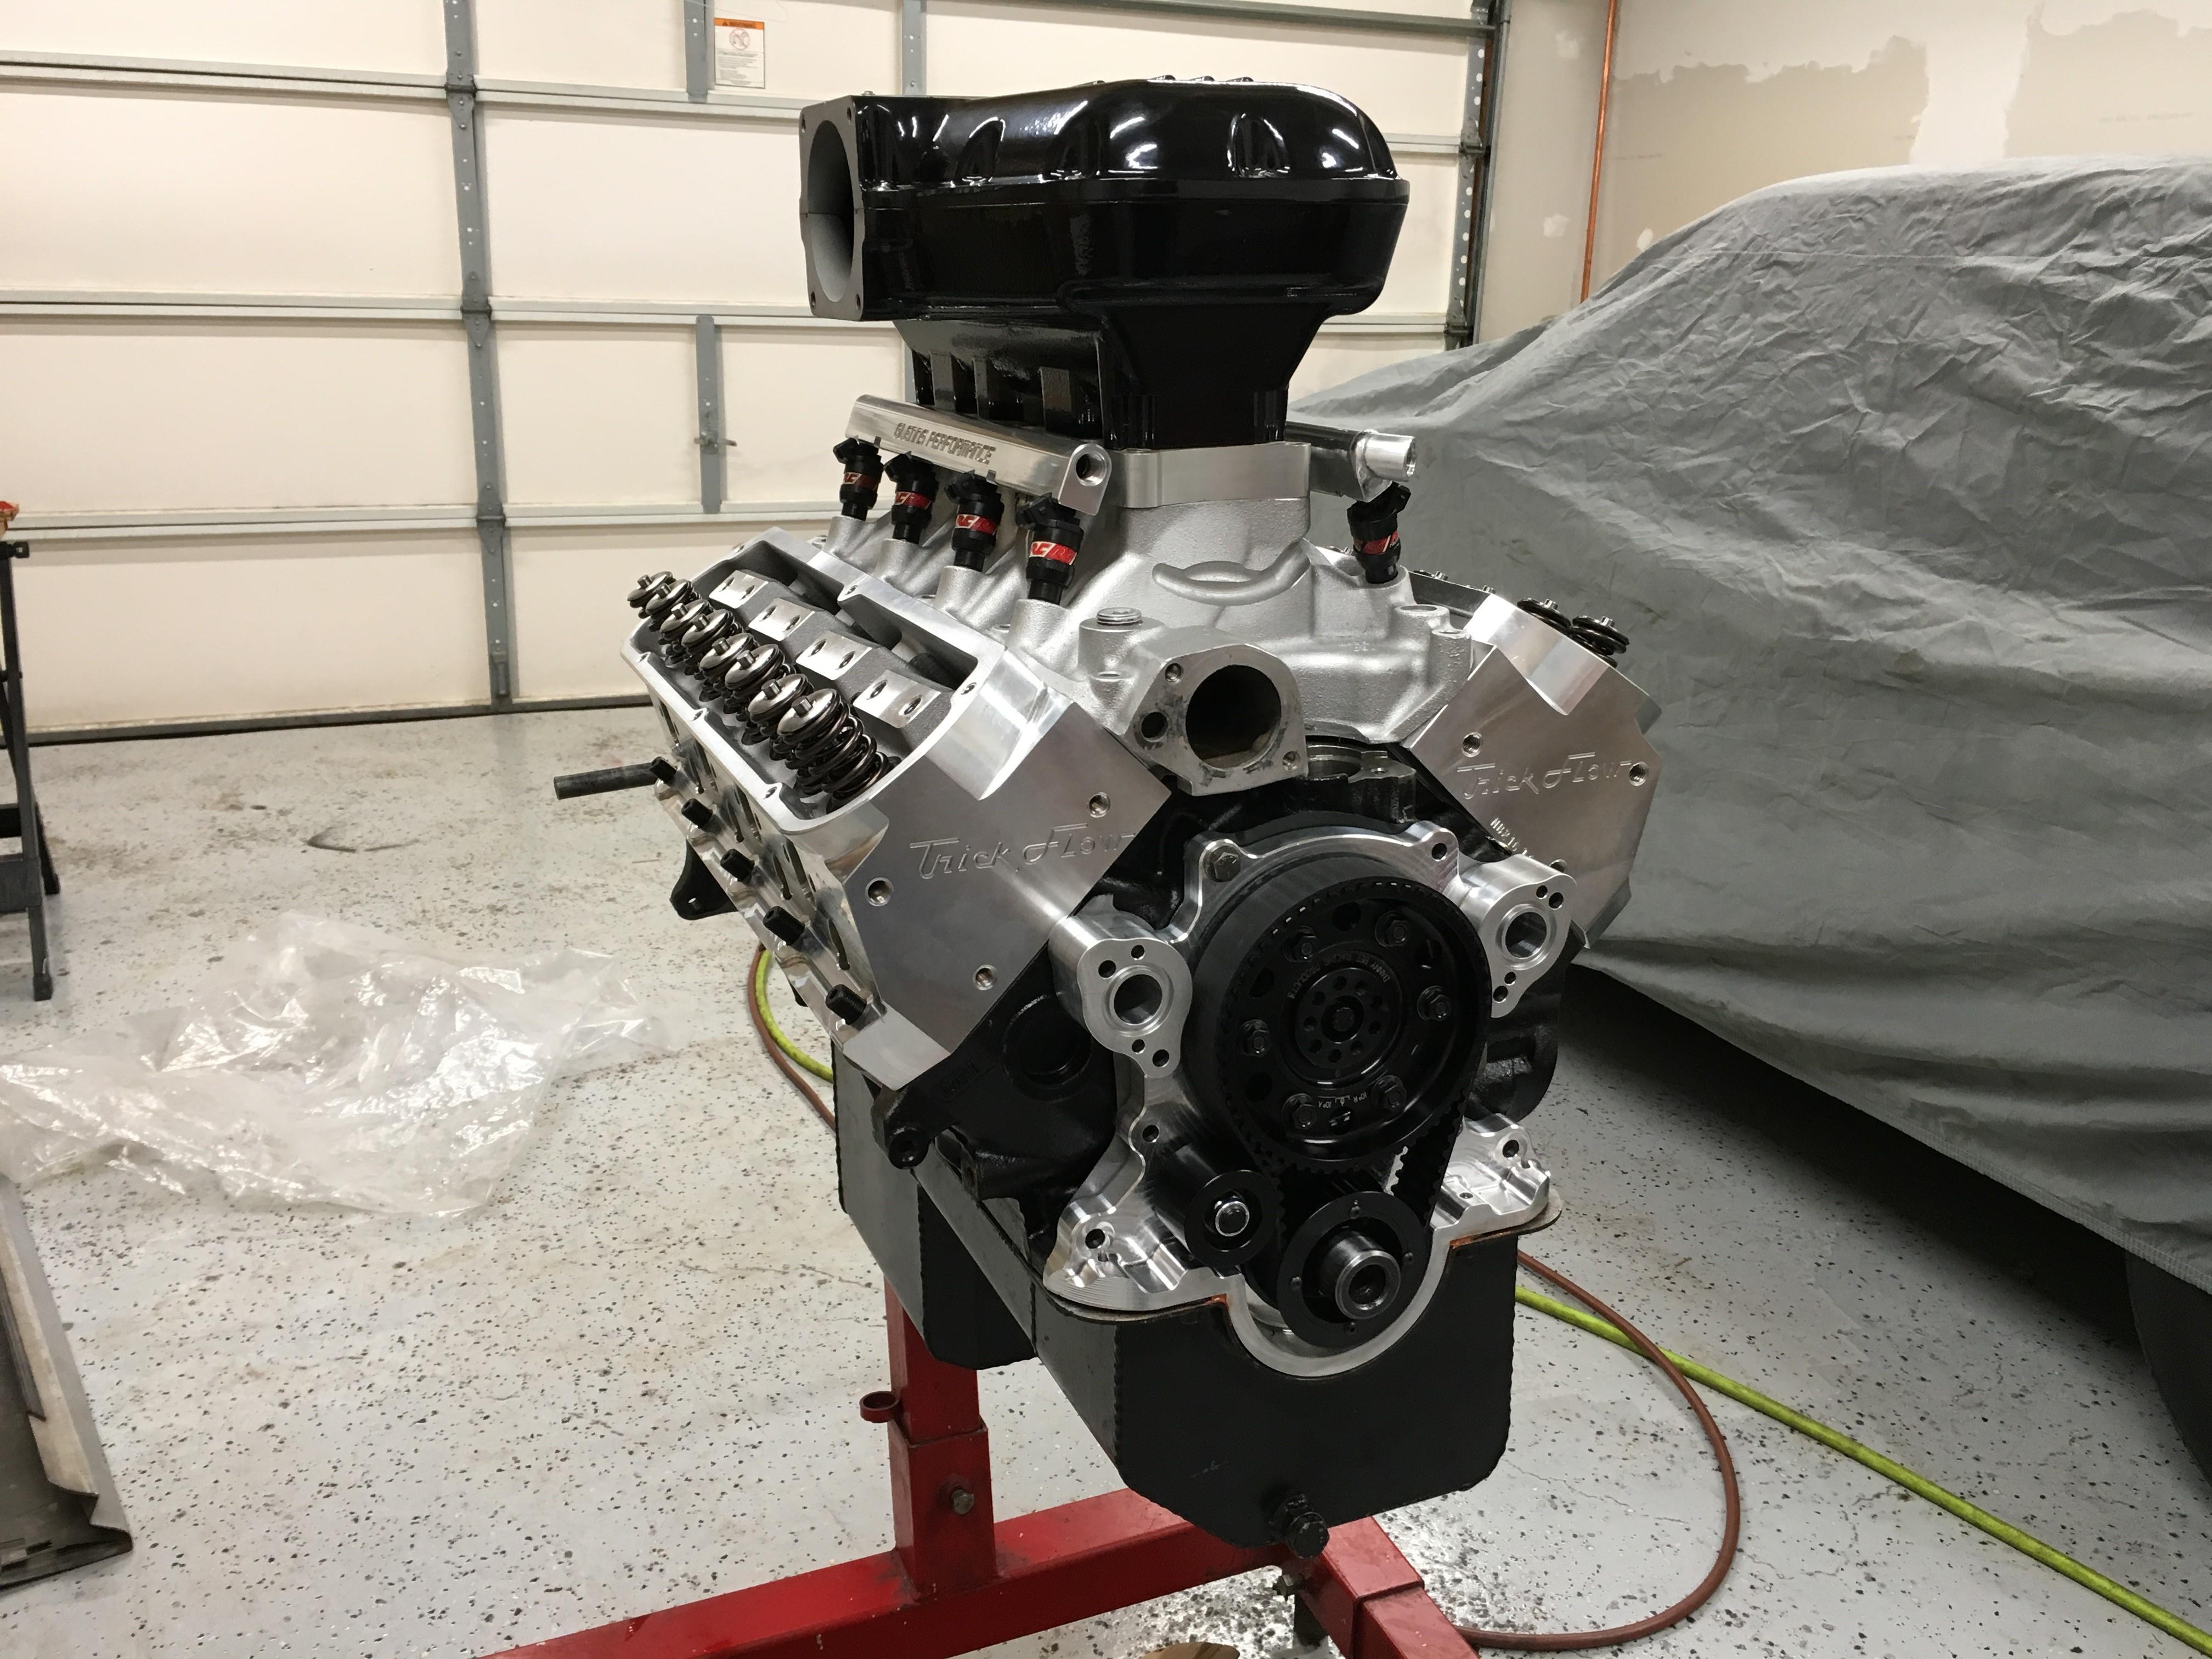 88 stang turbo motor